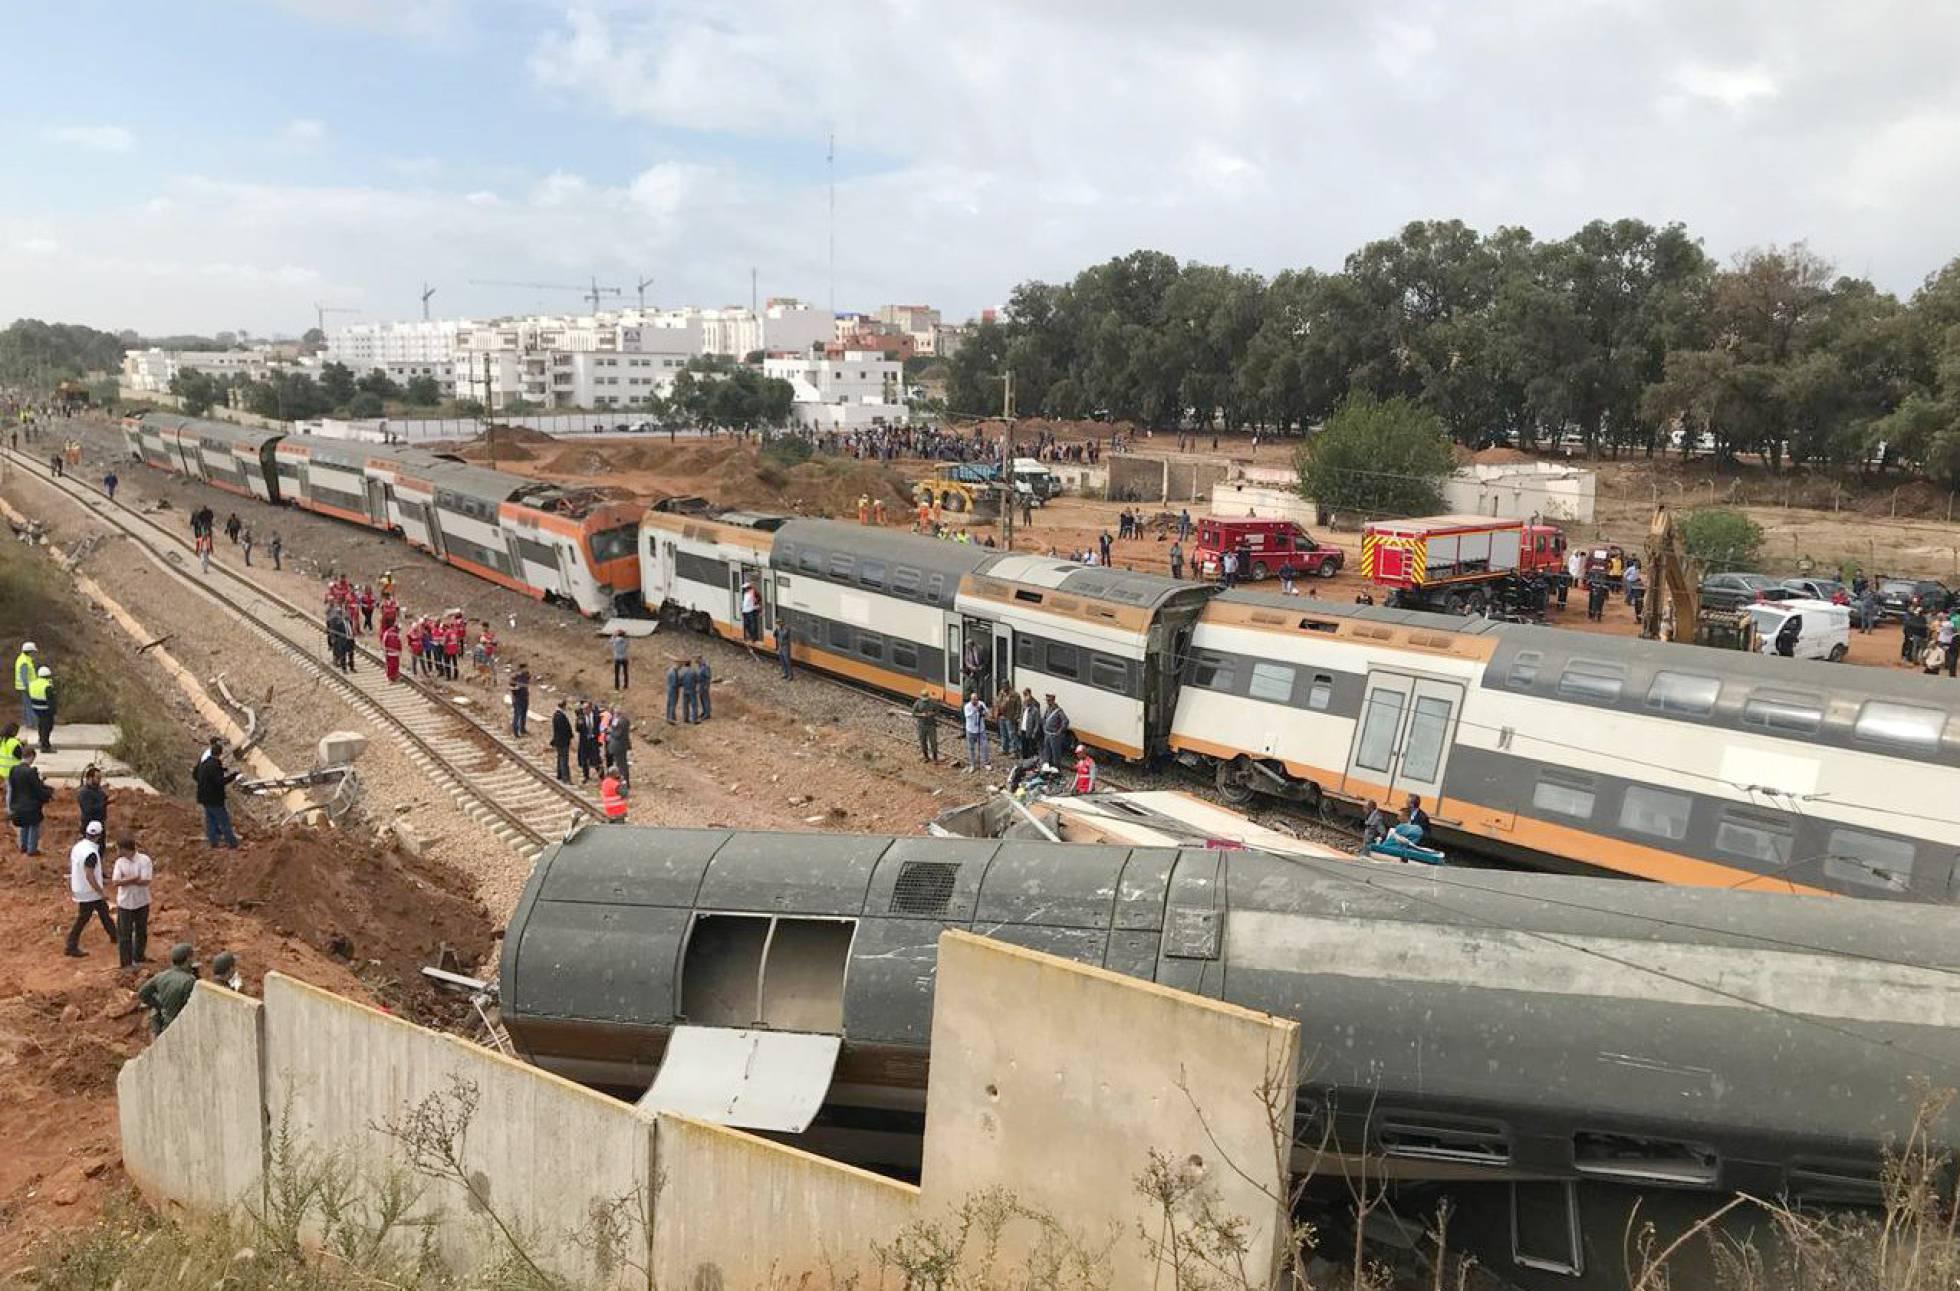 Accidente de tren en Marruecos dejó al menos 7 muertos y 86 heridos